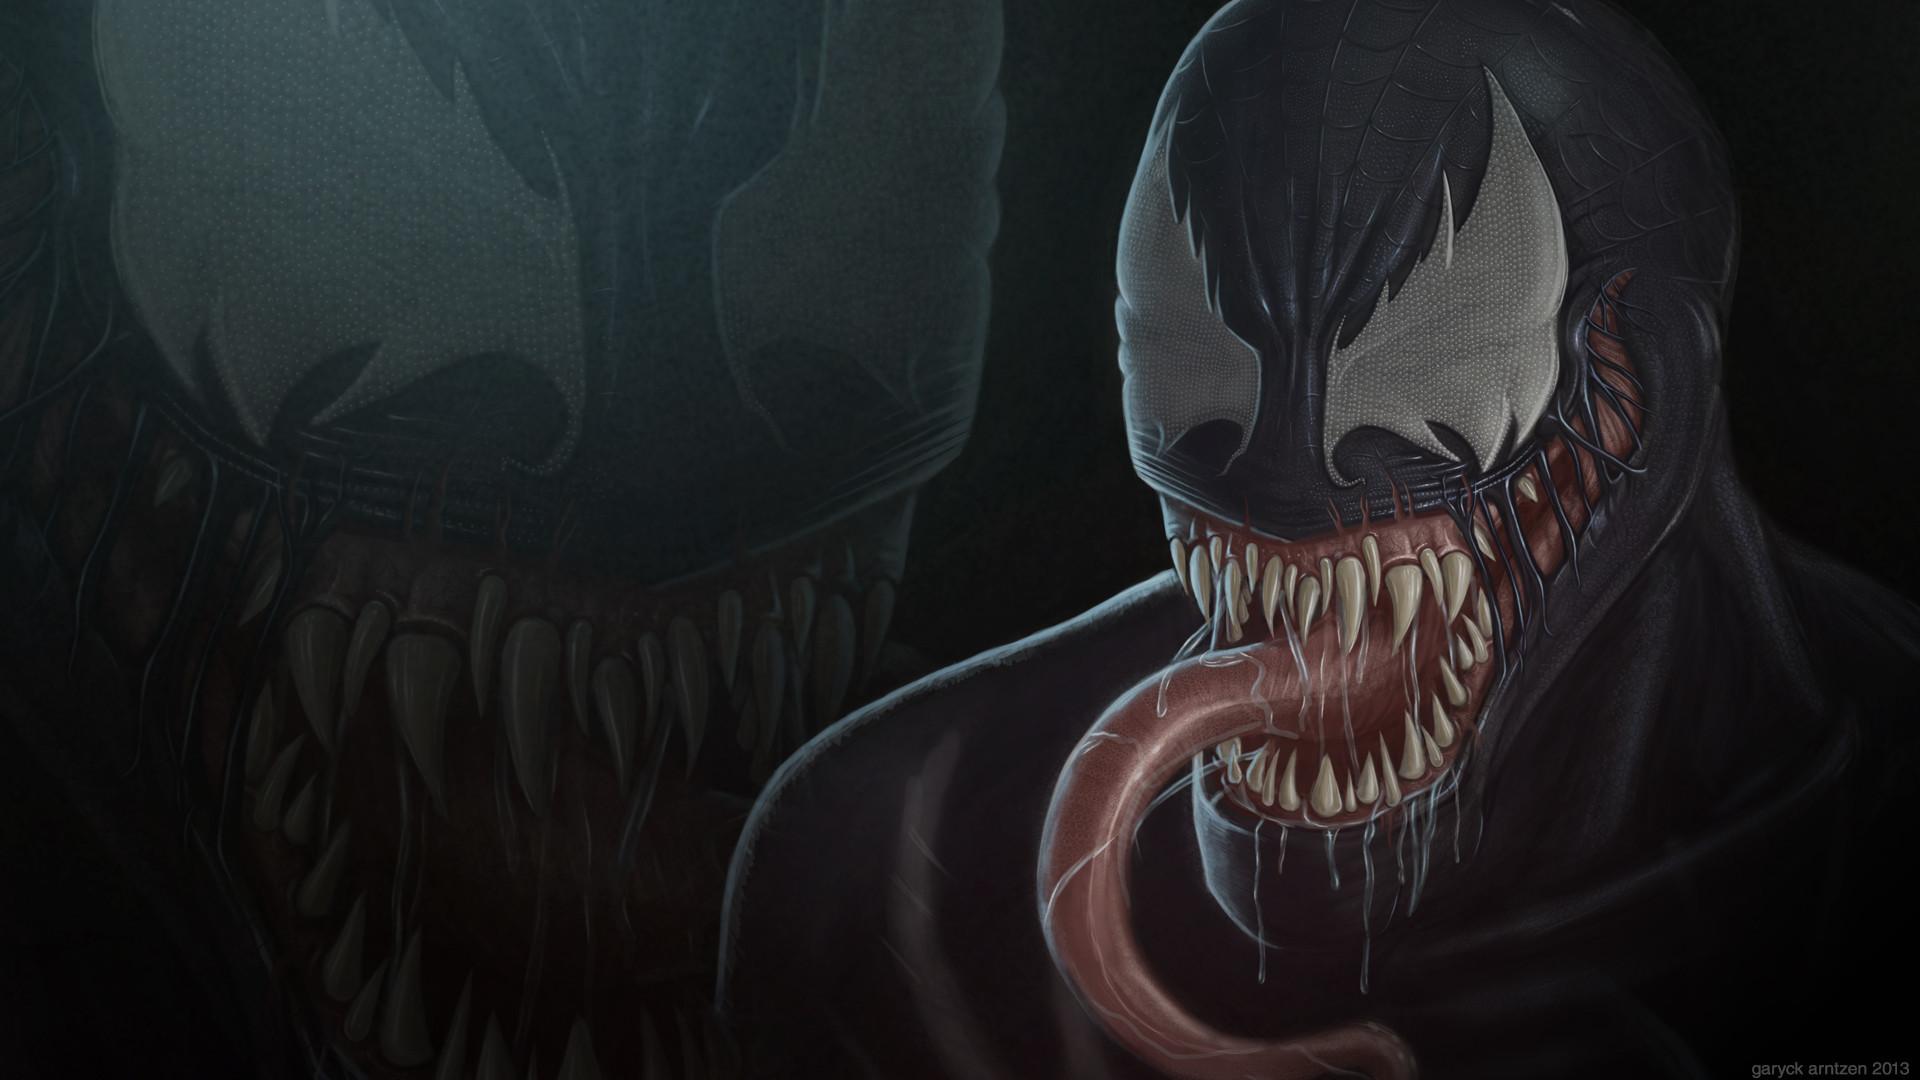 Venom Computer Wallpapers, Desktop Backgrounds | | ID:451616